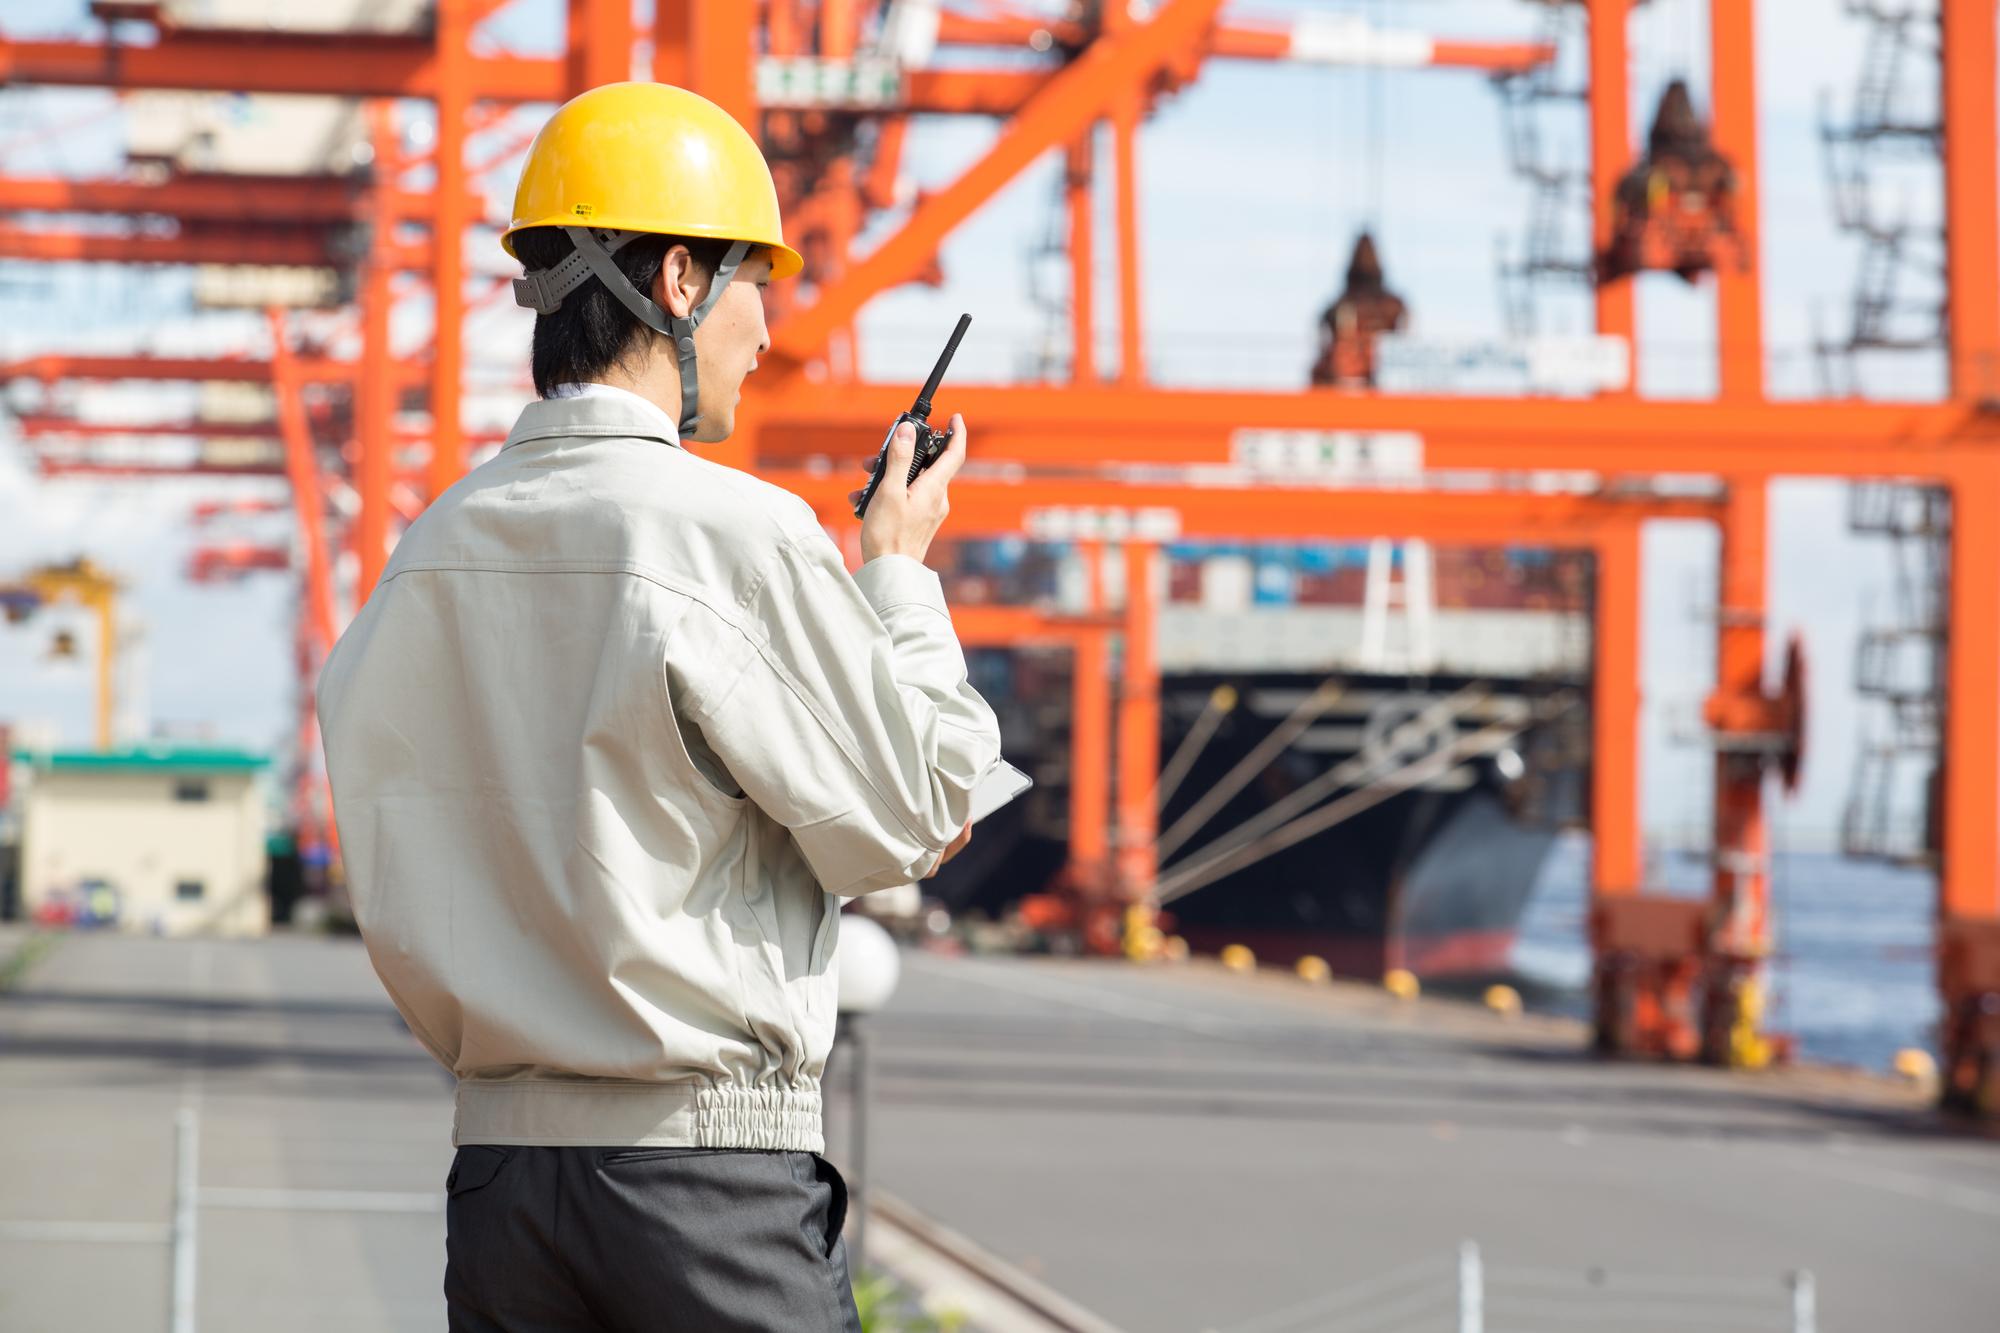 【設備工事業】おすすめ機種・メーカーや機能などを徹底解説